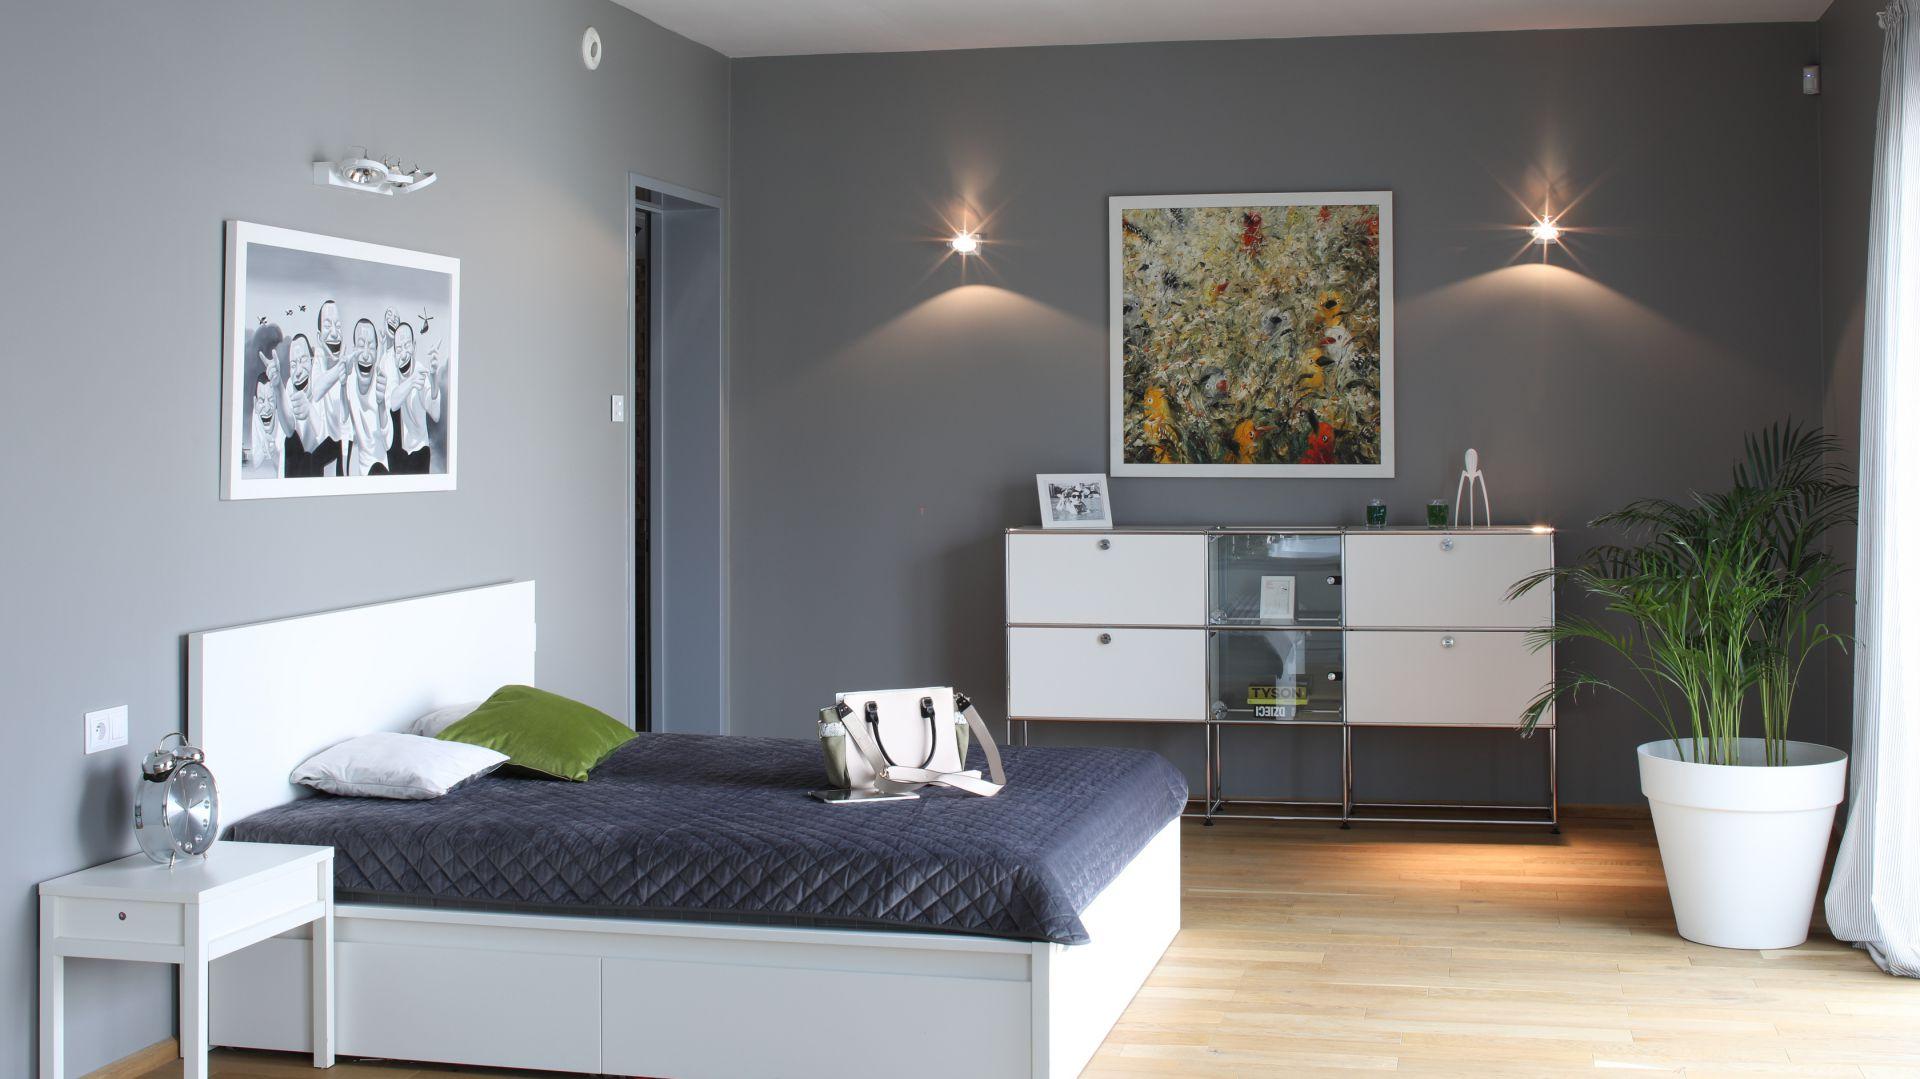 Sypialnia urządzona w nowoczesnym stylu. Projekt: Konrad Grodziński. Fot. Bartosz Jarosz